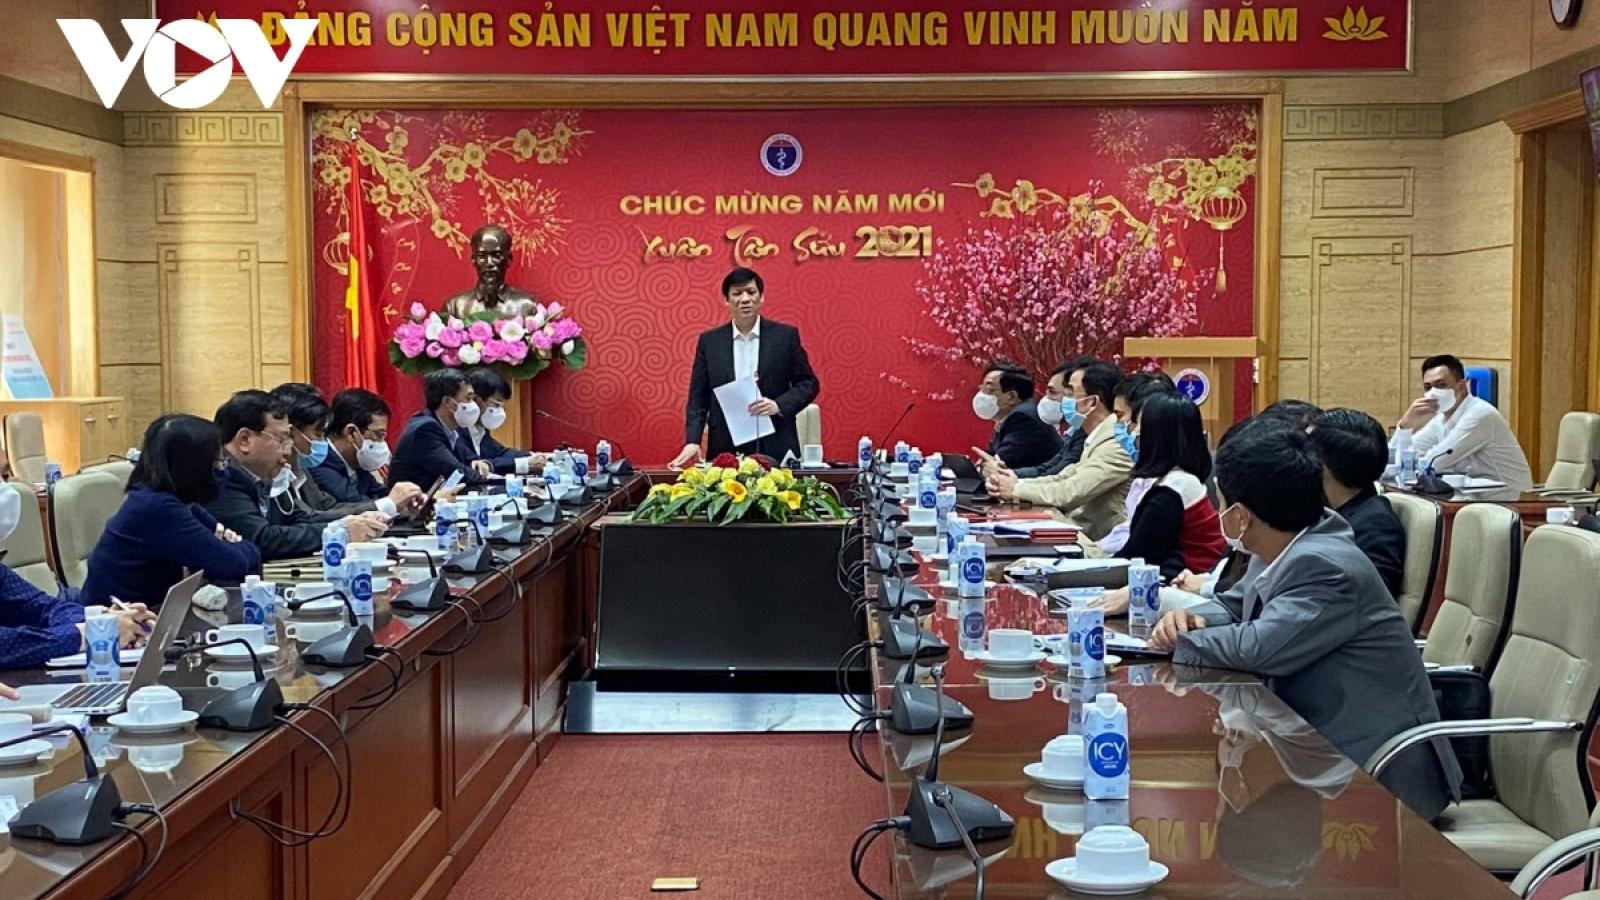 COVID-19 attacks 11th locality in Vietnam